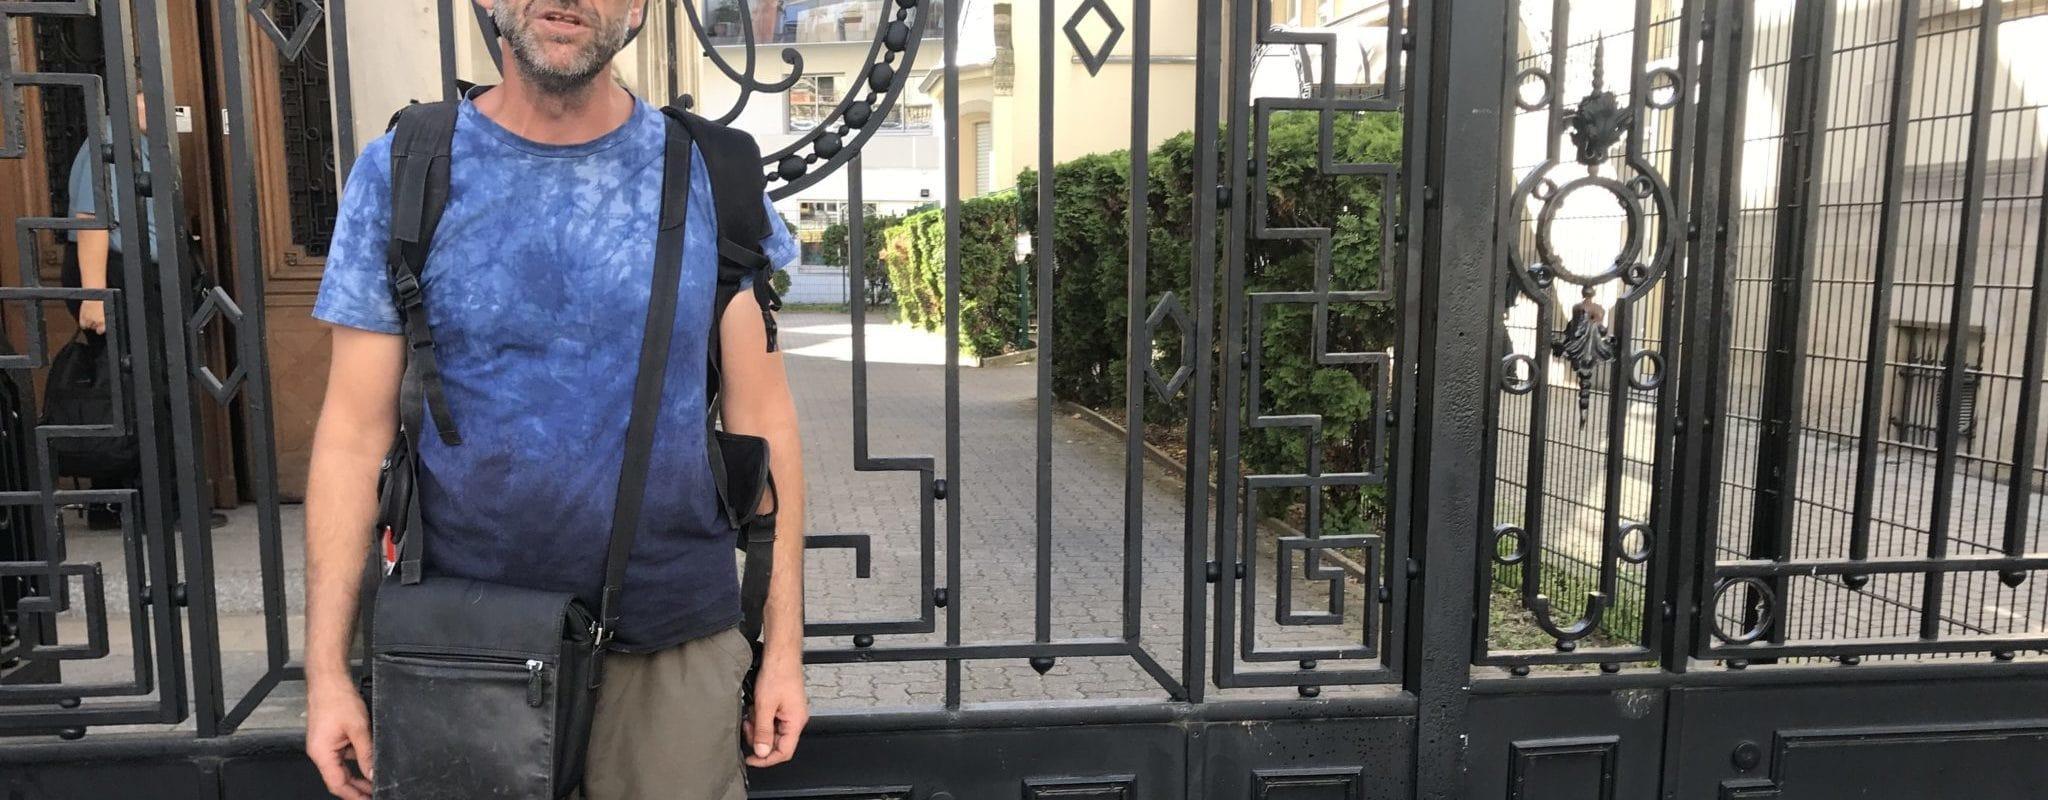 Les fragilités de l'arrêté anti-mendicité exposées devant le tribunal